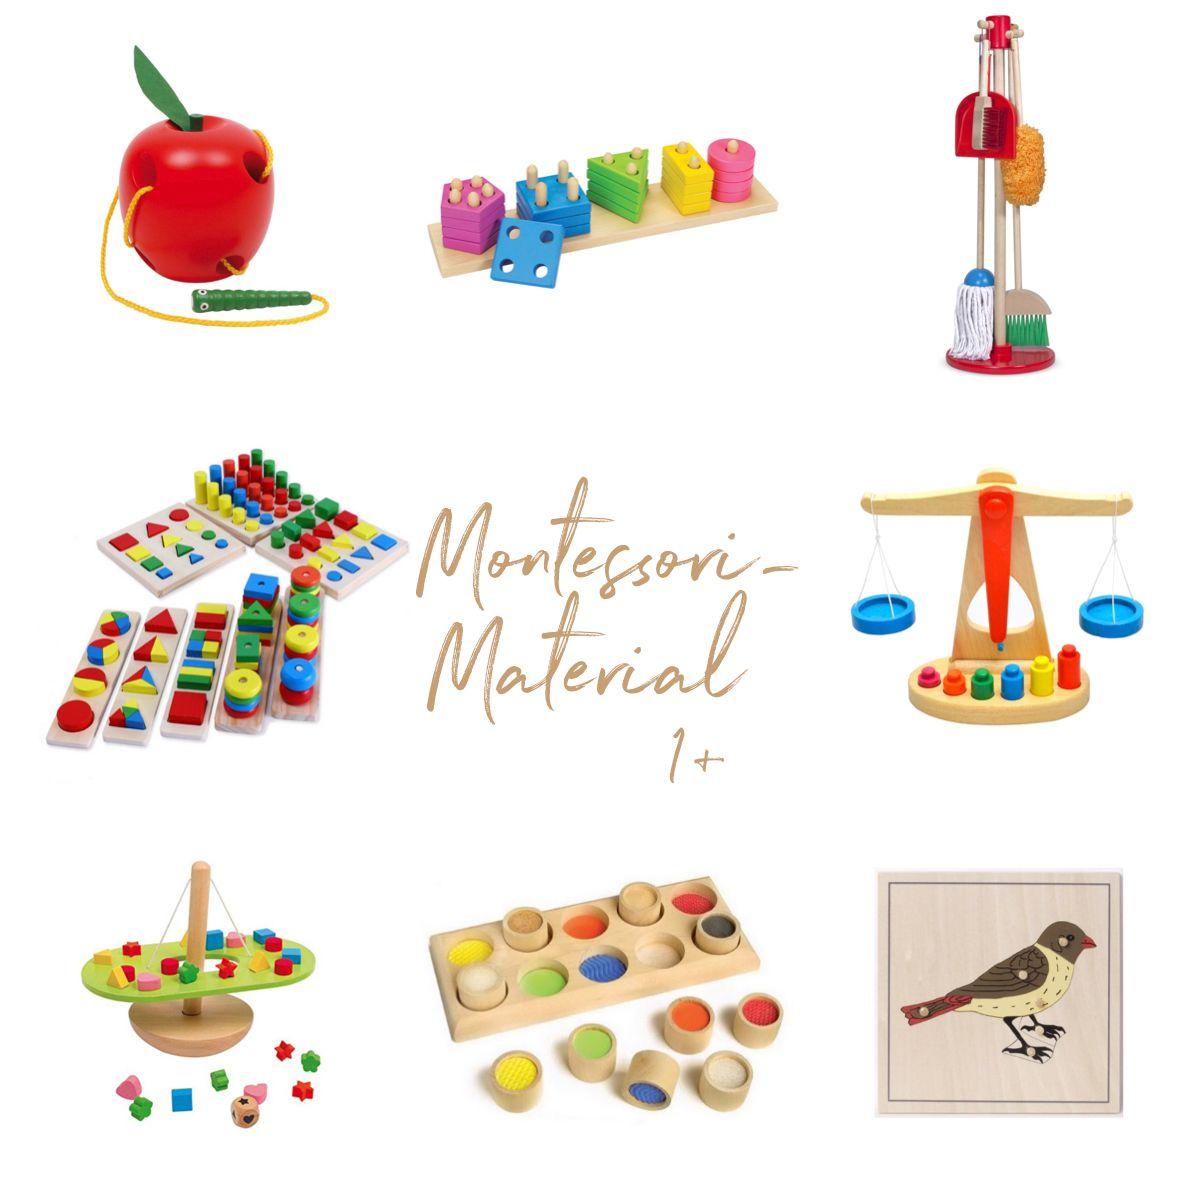 weihnachten 20 geschenkideen f r kinder nach montessori montessori. Black Bedroom Furniture Sets. Home Design Ideas